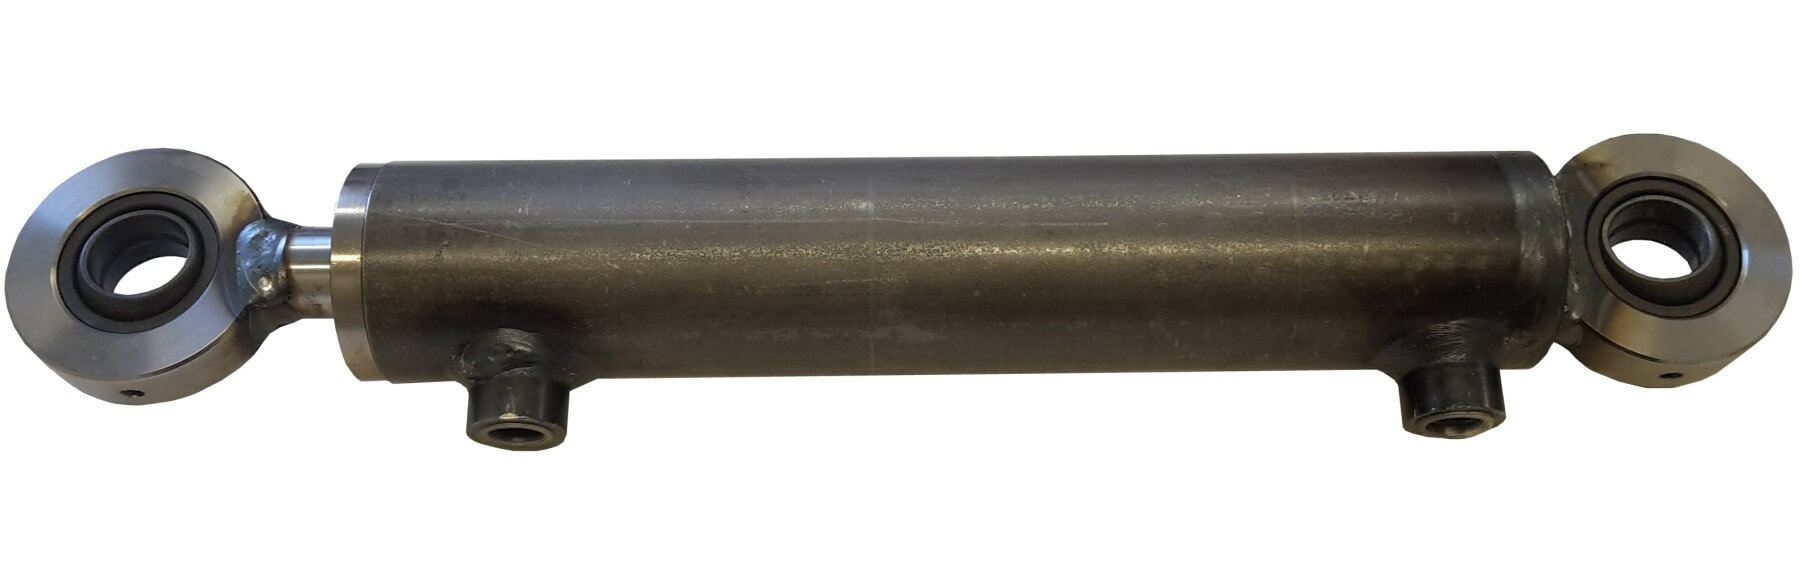 Hydraulisylinteri CL 60. 30. 1000 GE - Kailatec Oy Verkkokauppa